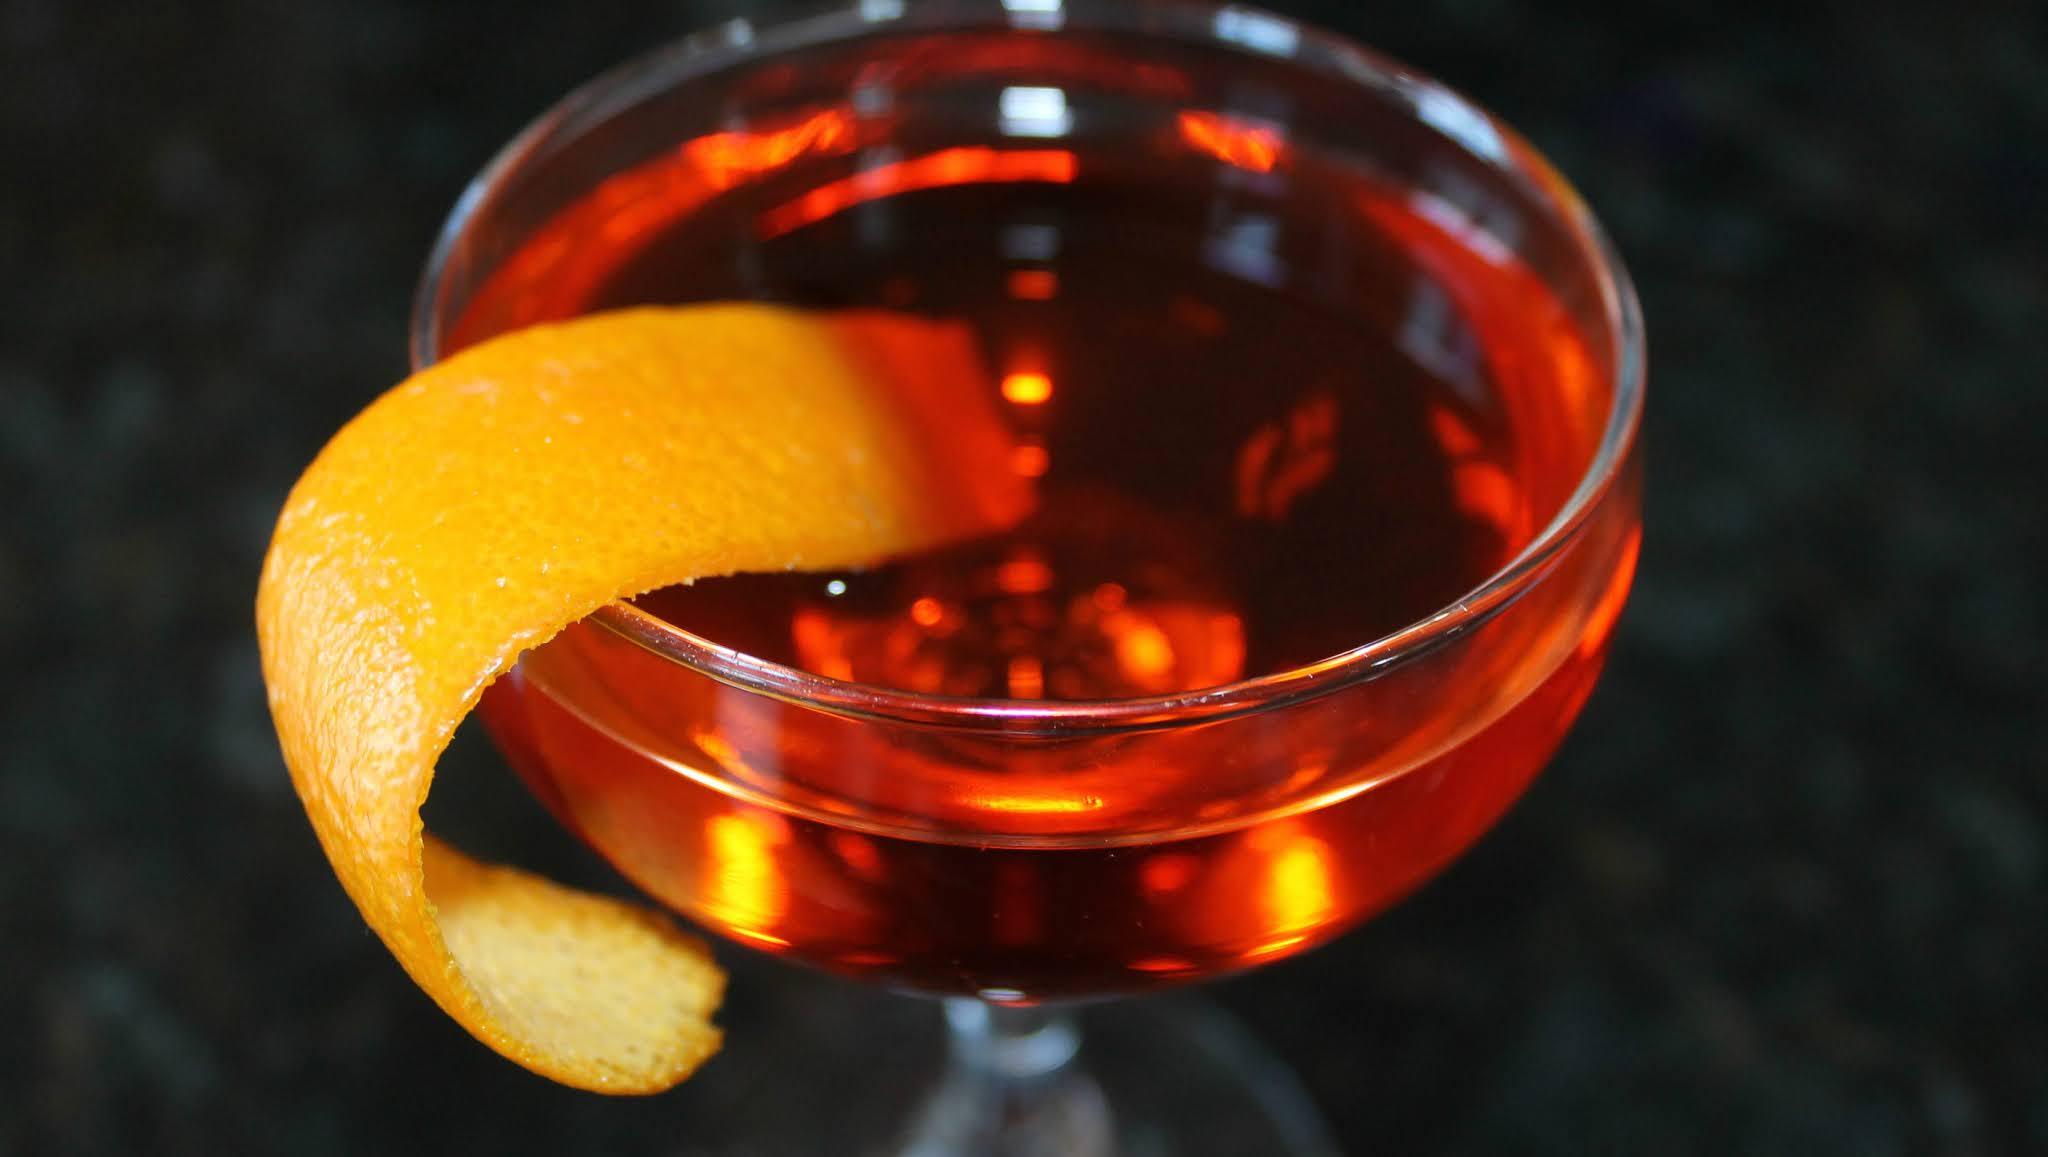 وصفات كوكتيل الفاكهة| باشن زهر البرتقال